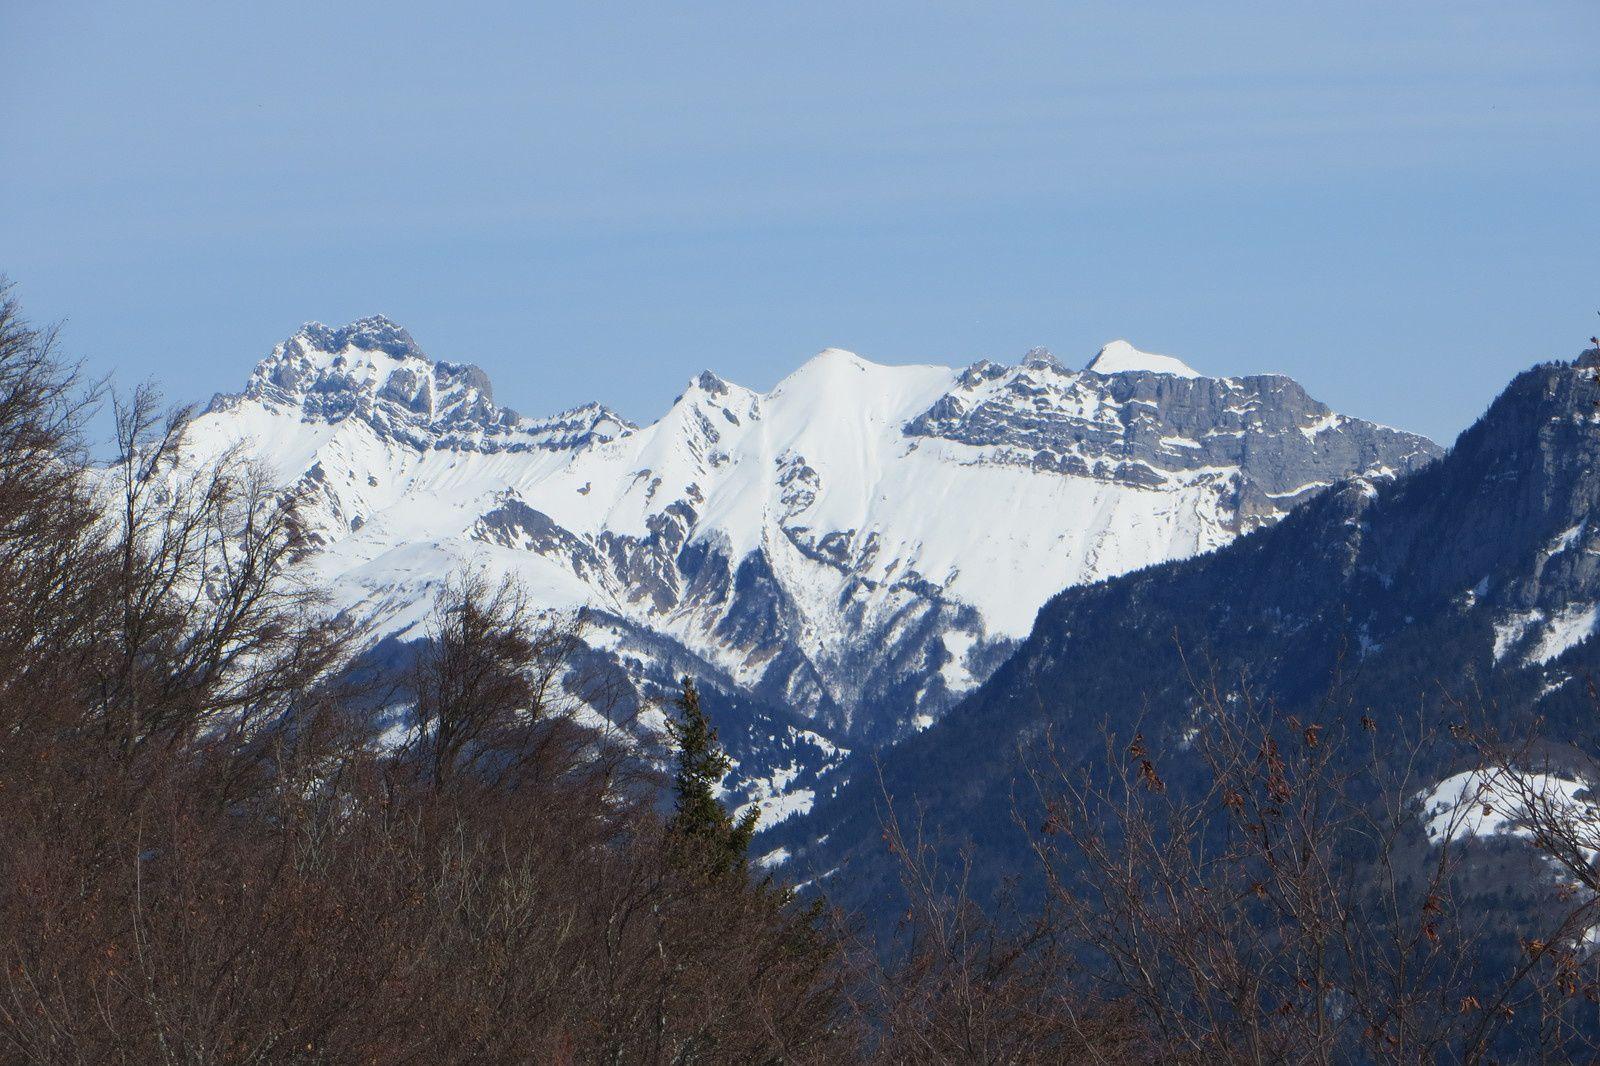 Pointe d'Arcalod, Molard Noir, Mont de la Coche et L'Encerclement vus du sommet